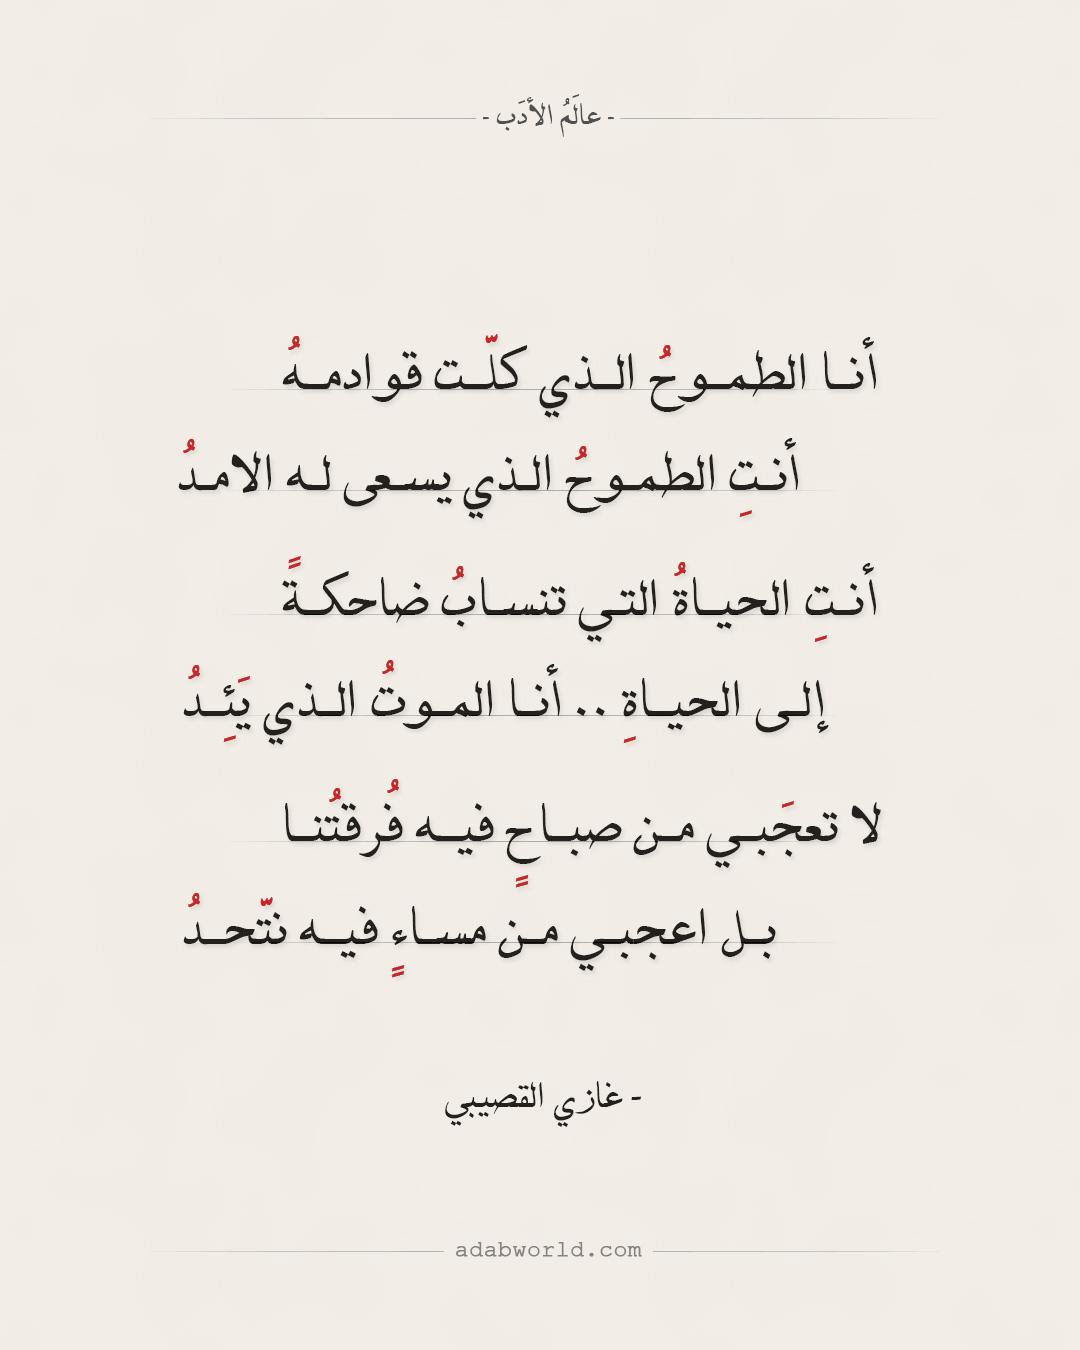 سيدة الاقمار من قصائد غازي القصيبي الرائعة